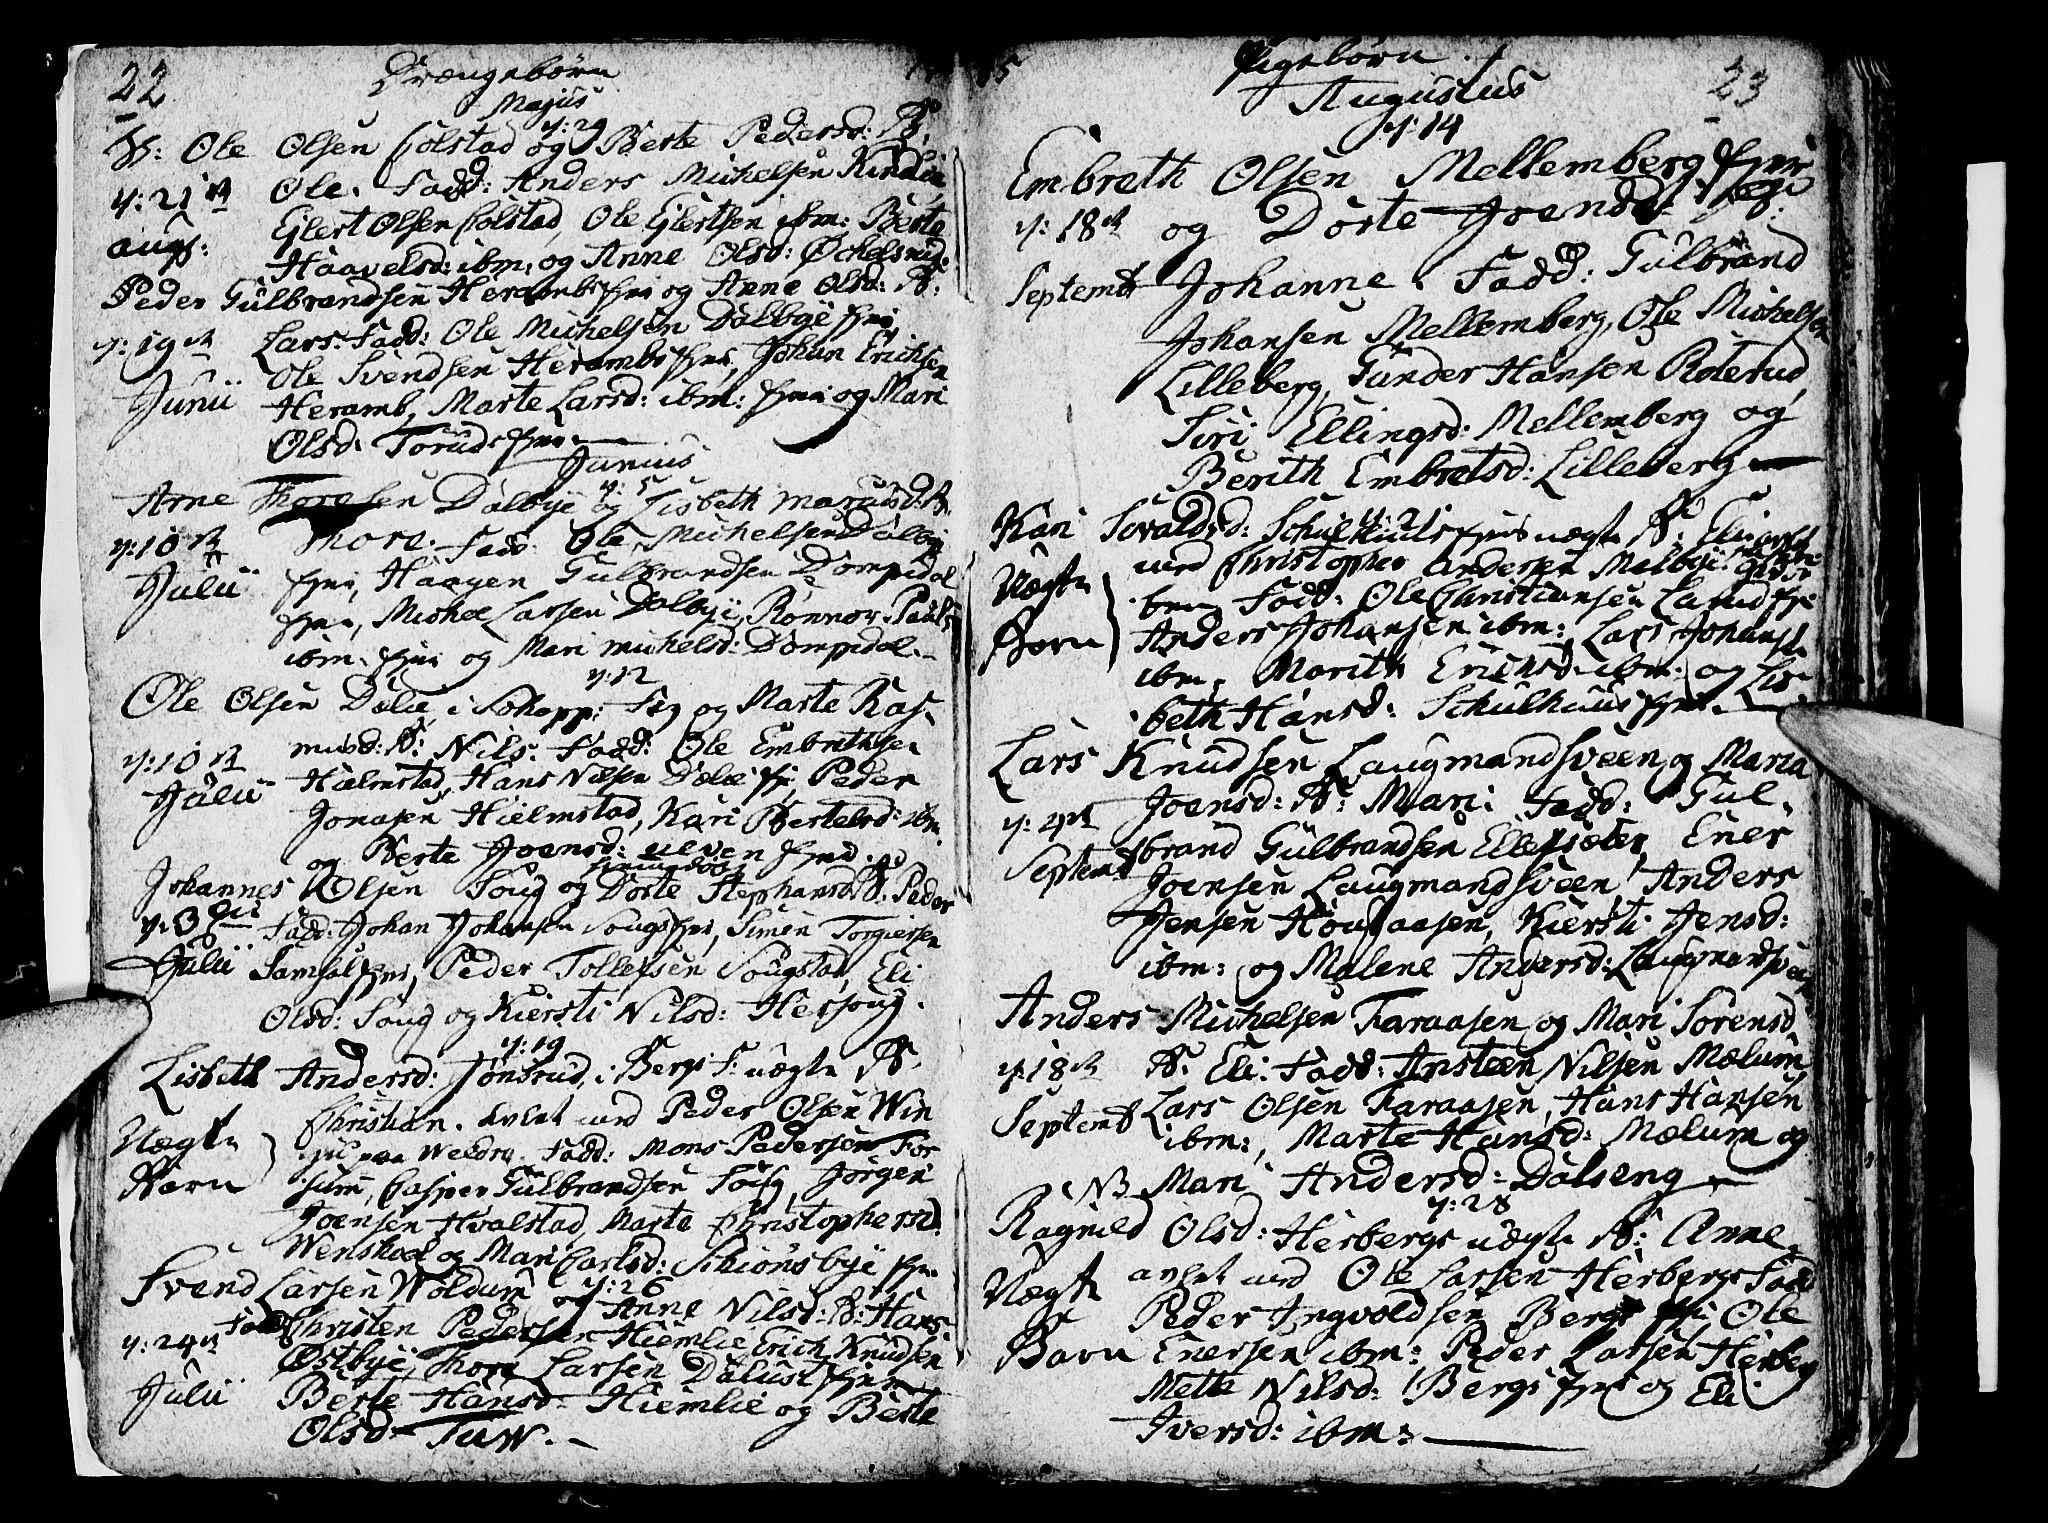 SAH, Ringsaker prestekontor, I/Ia/L0005/0004: Kladd til kirkebok nr. 1D, 1785-1789, s. 22-23